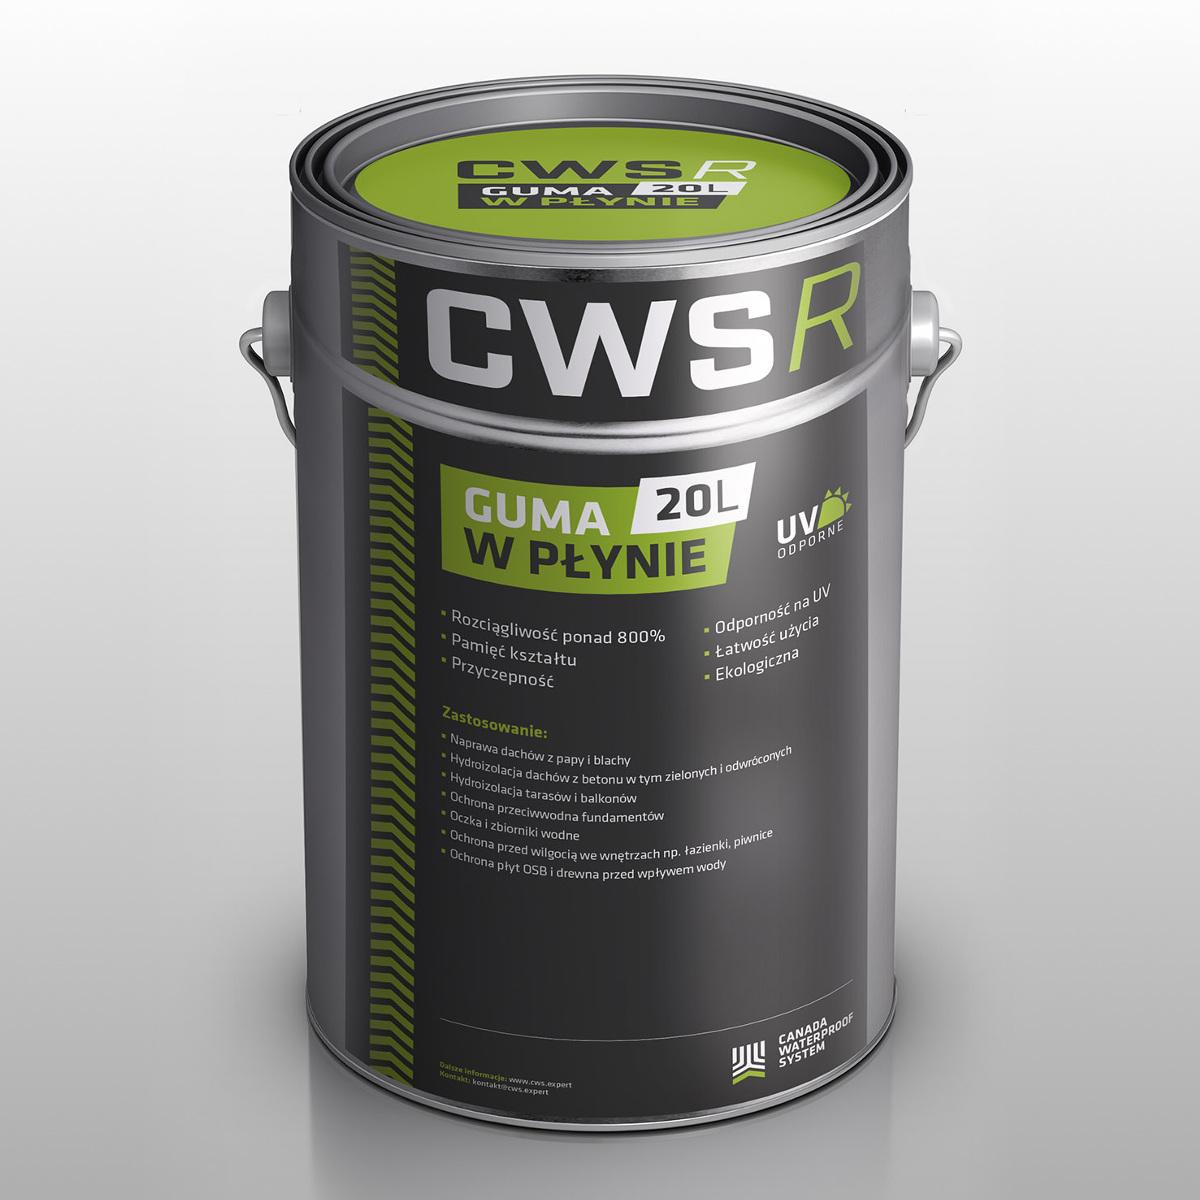 Guma w Płynie CWS R 20L